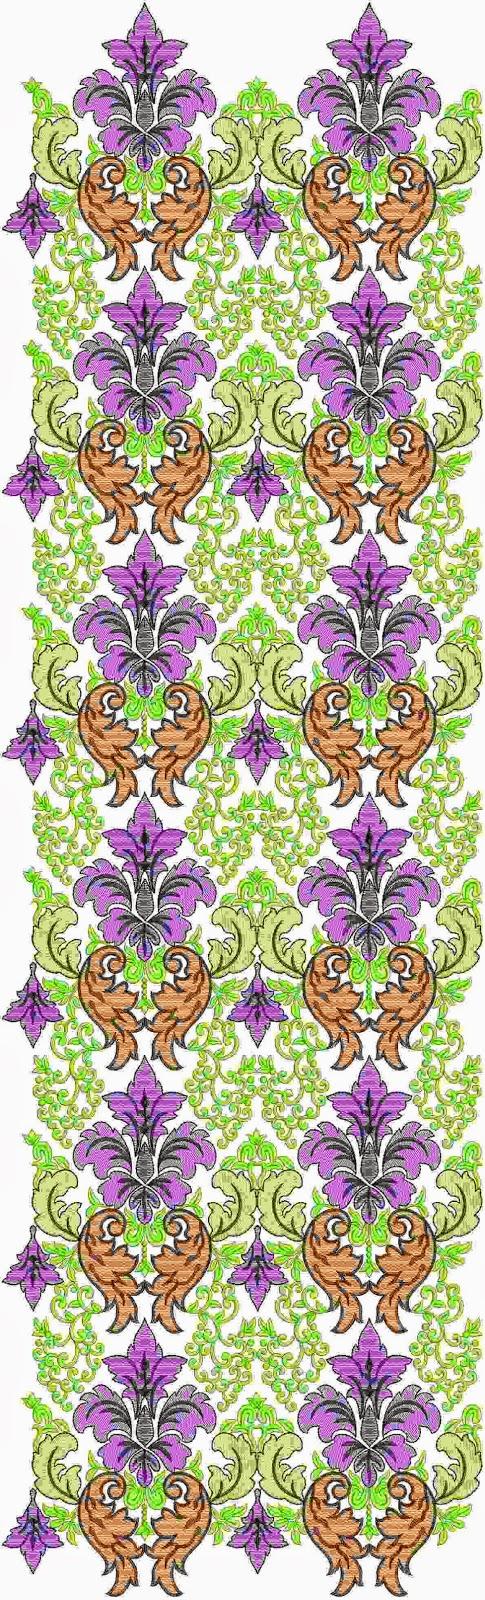 Marokkaanse Oral borduurwerk patroon